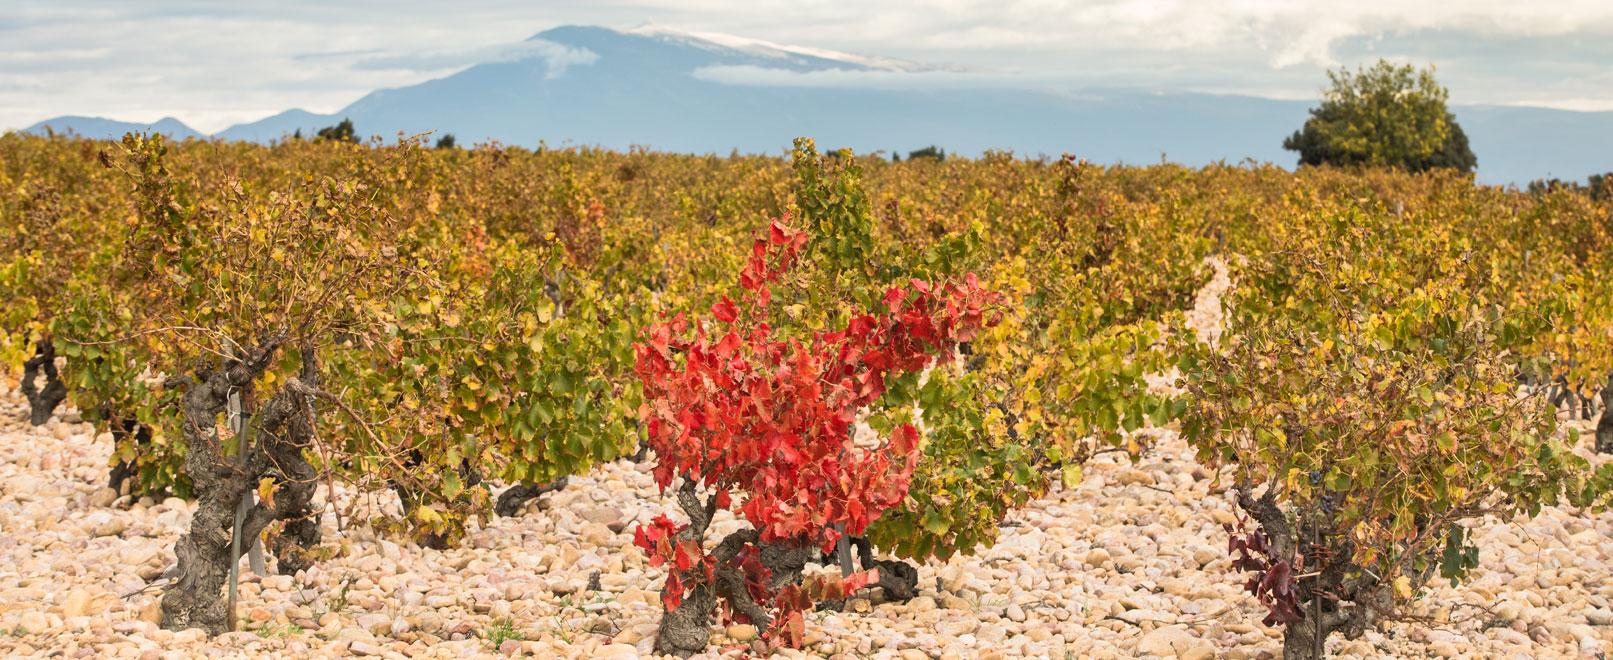 Wijnen uit de Vaucluse © Kessler